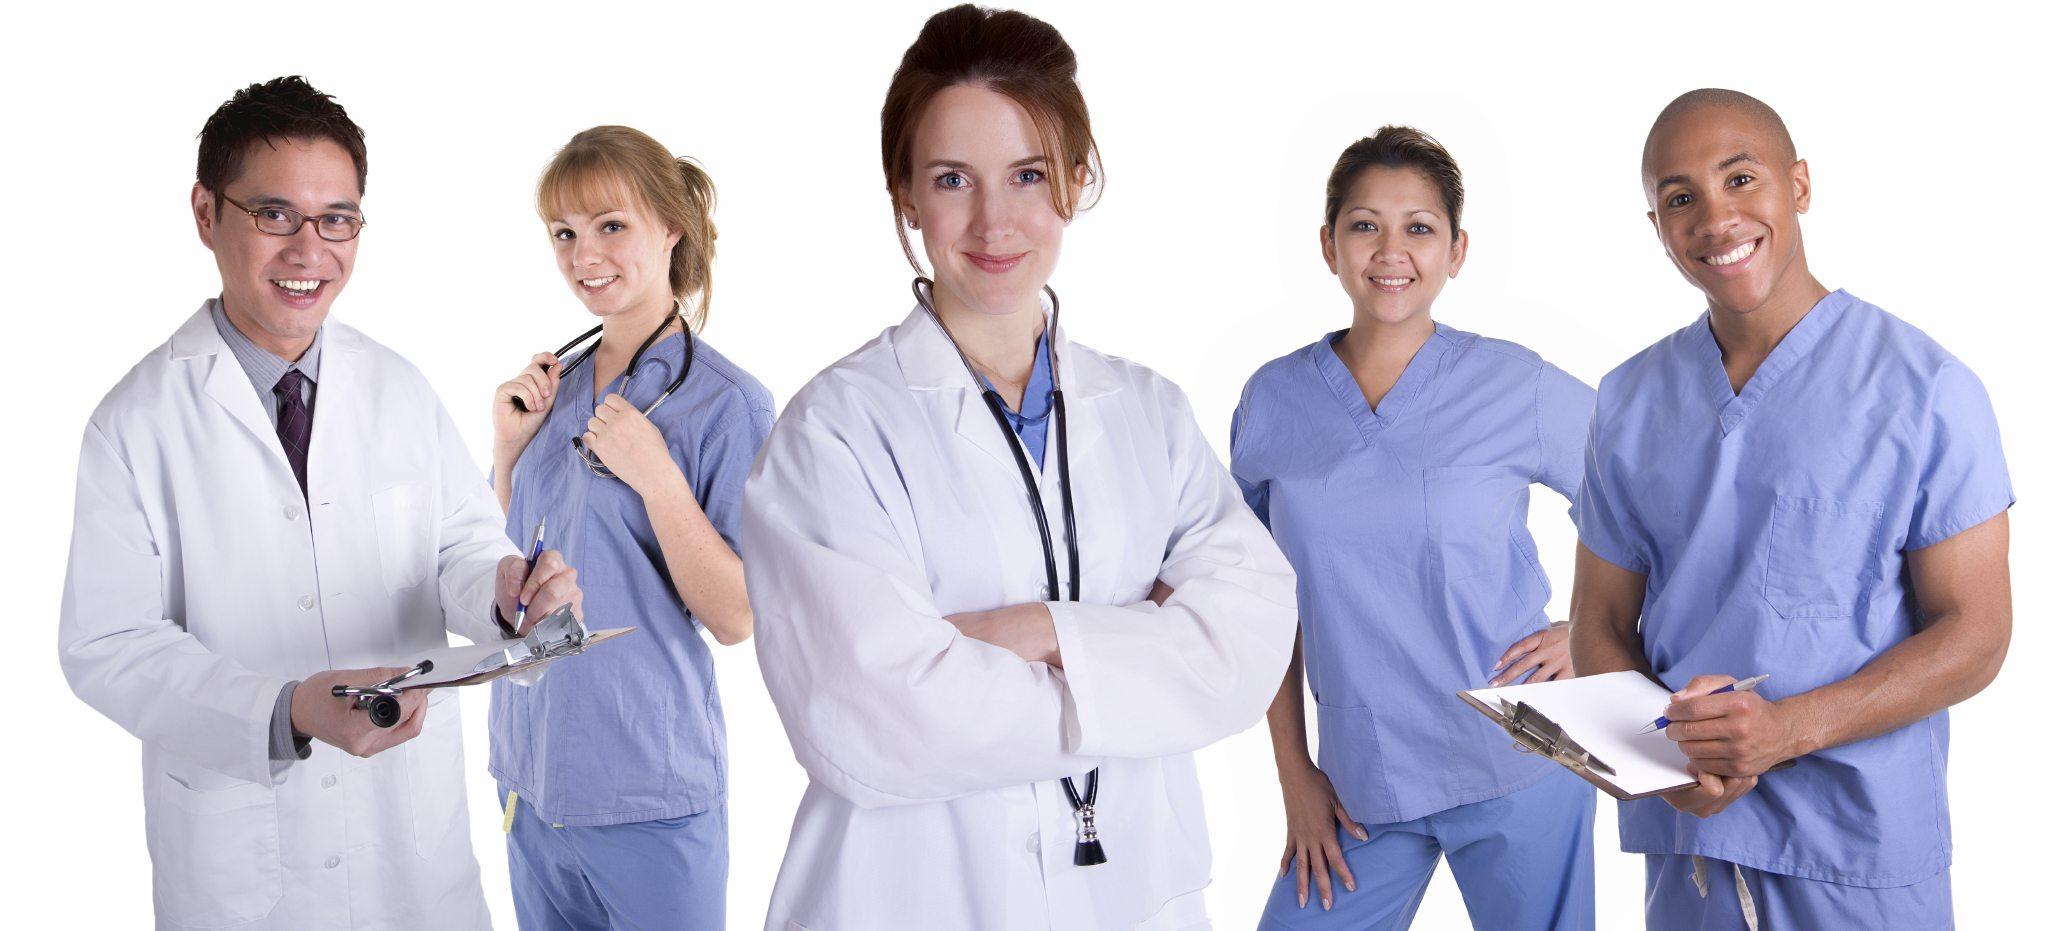 Învață cum să previi și să tratezi hepatitele virotice acute